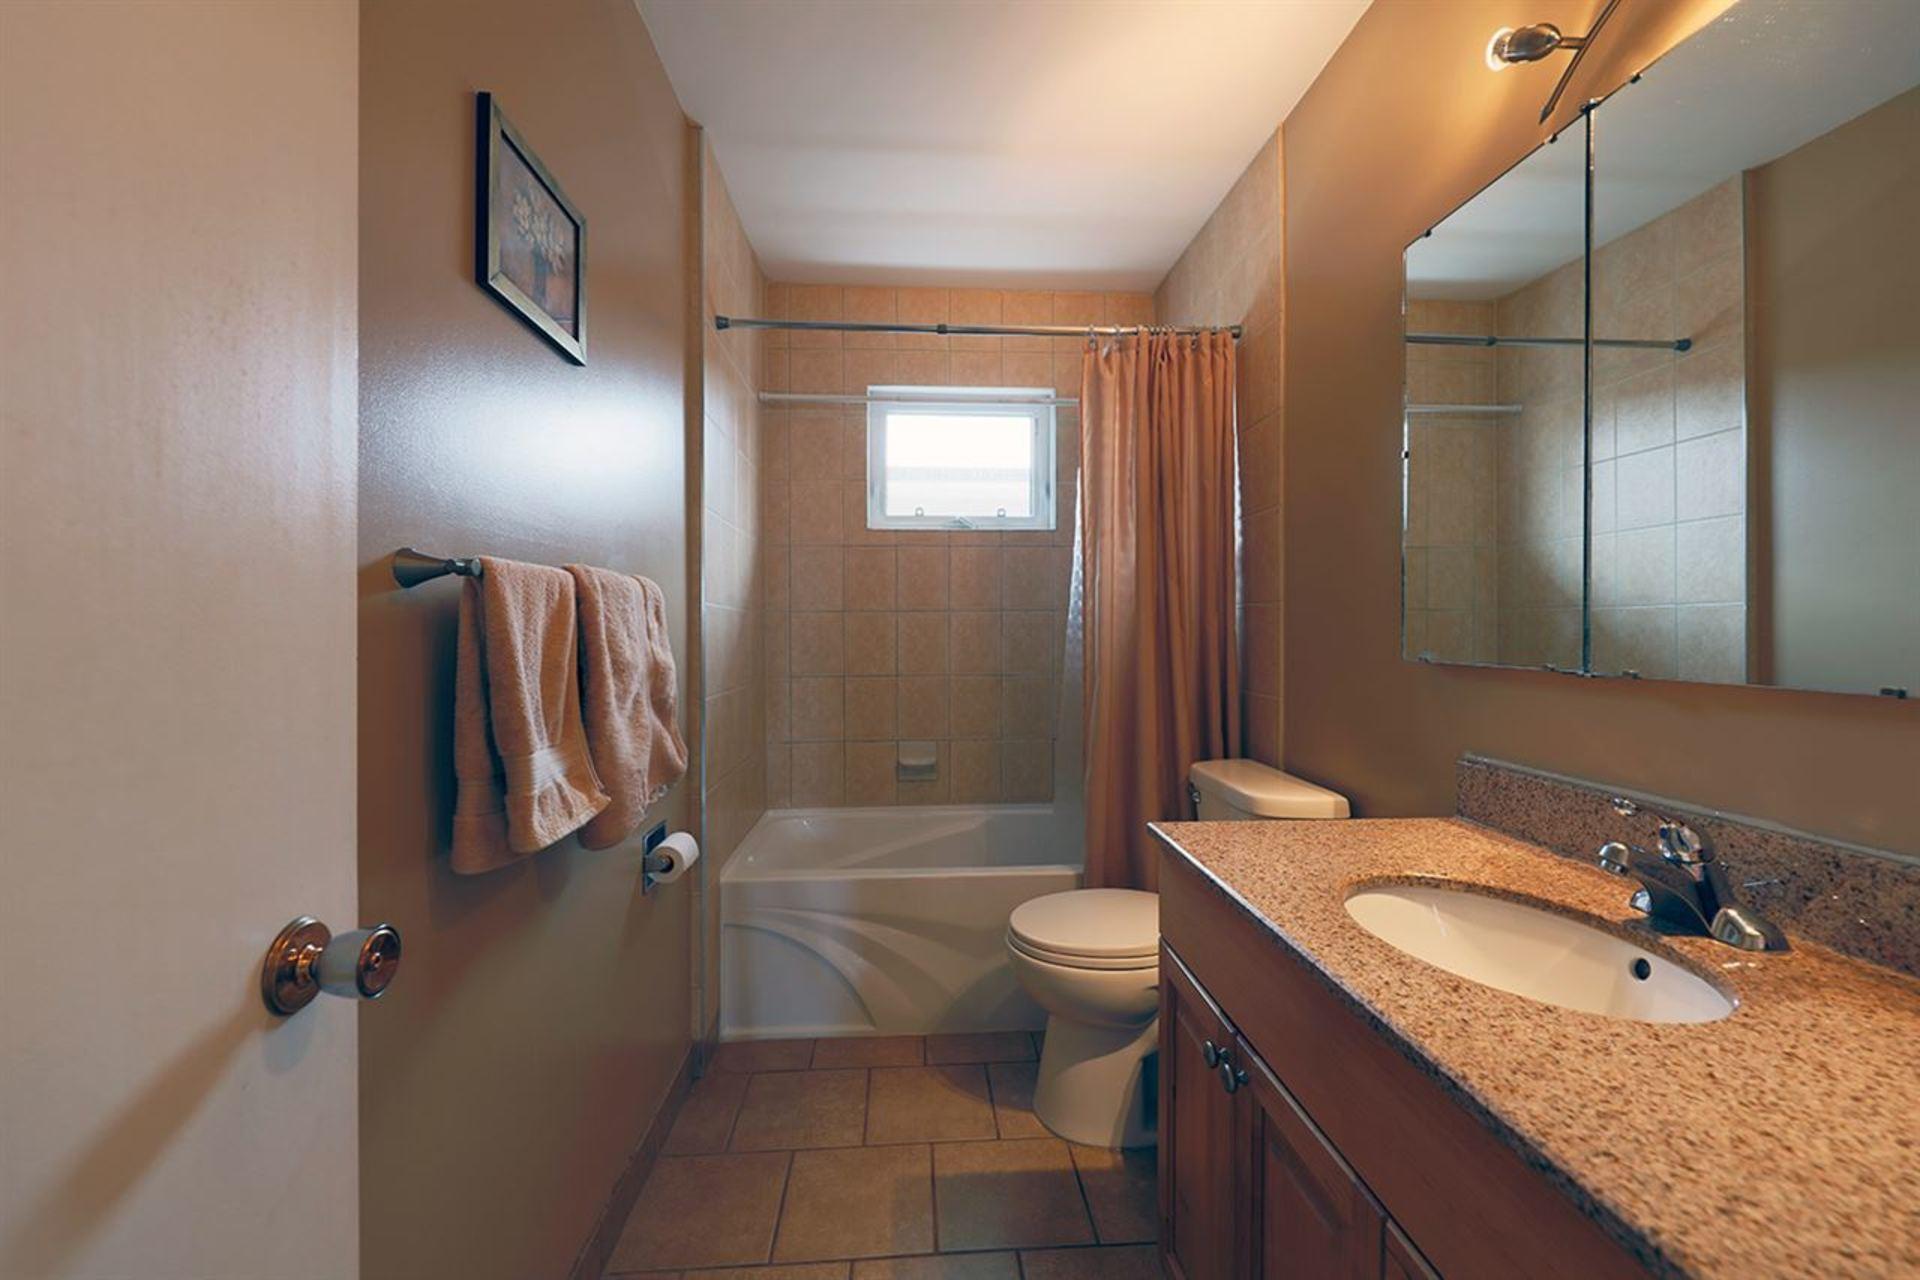 7423-141-avenue-kildare-edmonton-11 at 7423 141 Avenue, Kildare, Edmonton